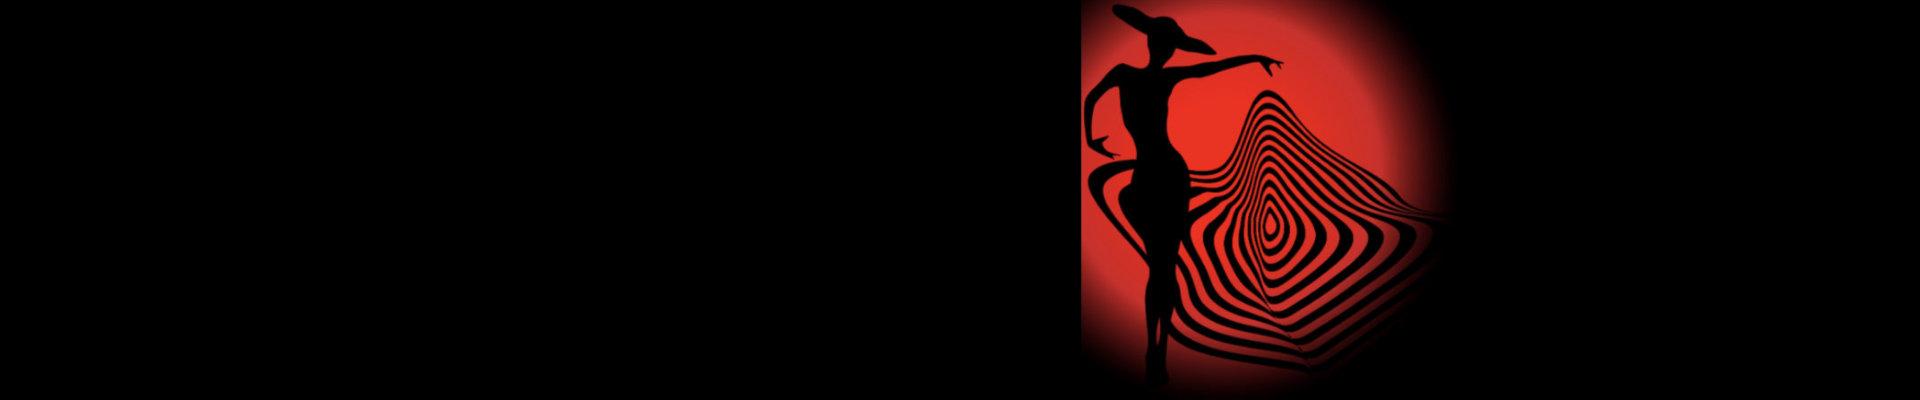 red girl logo banner